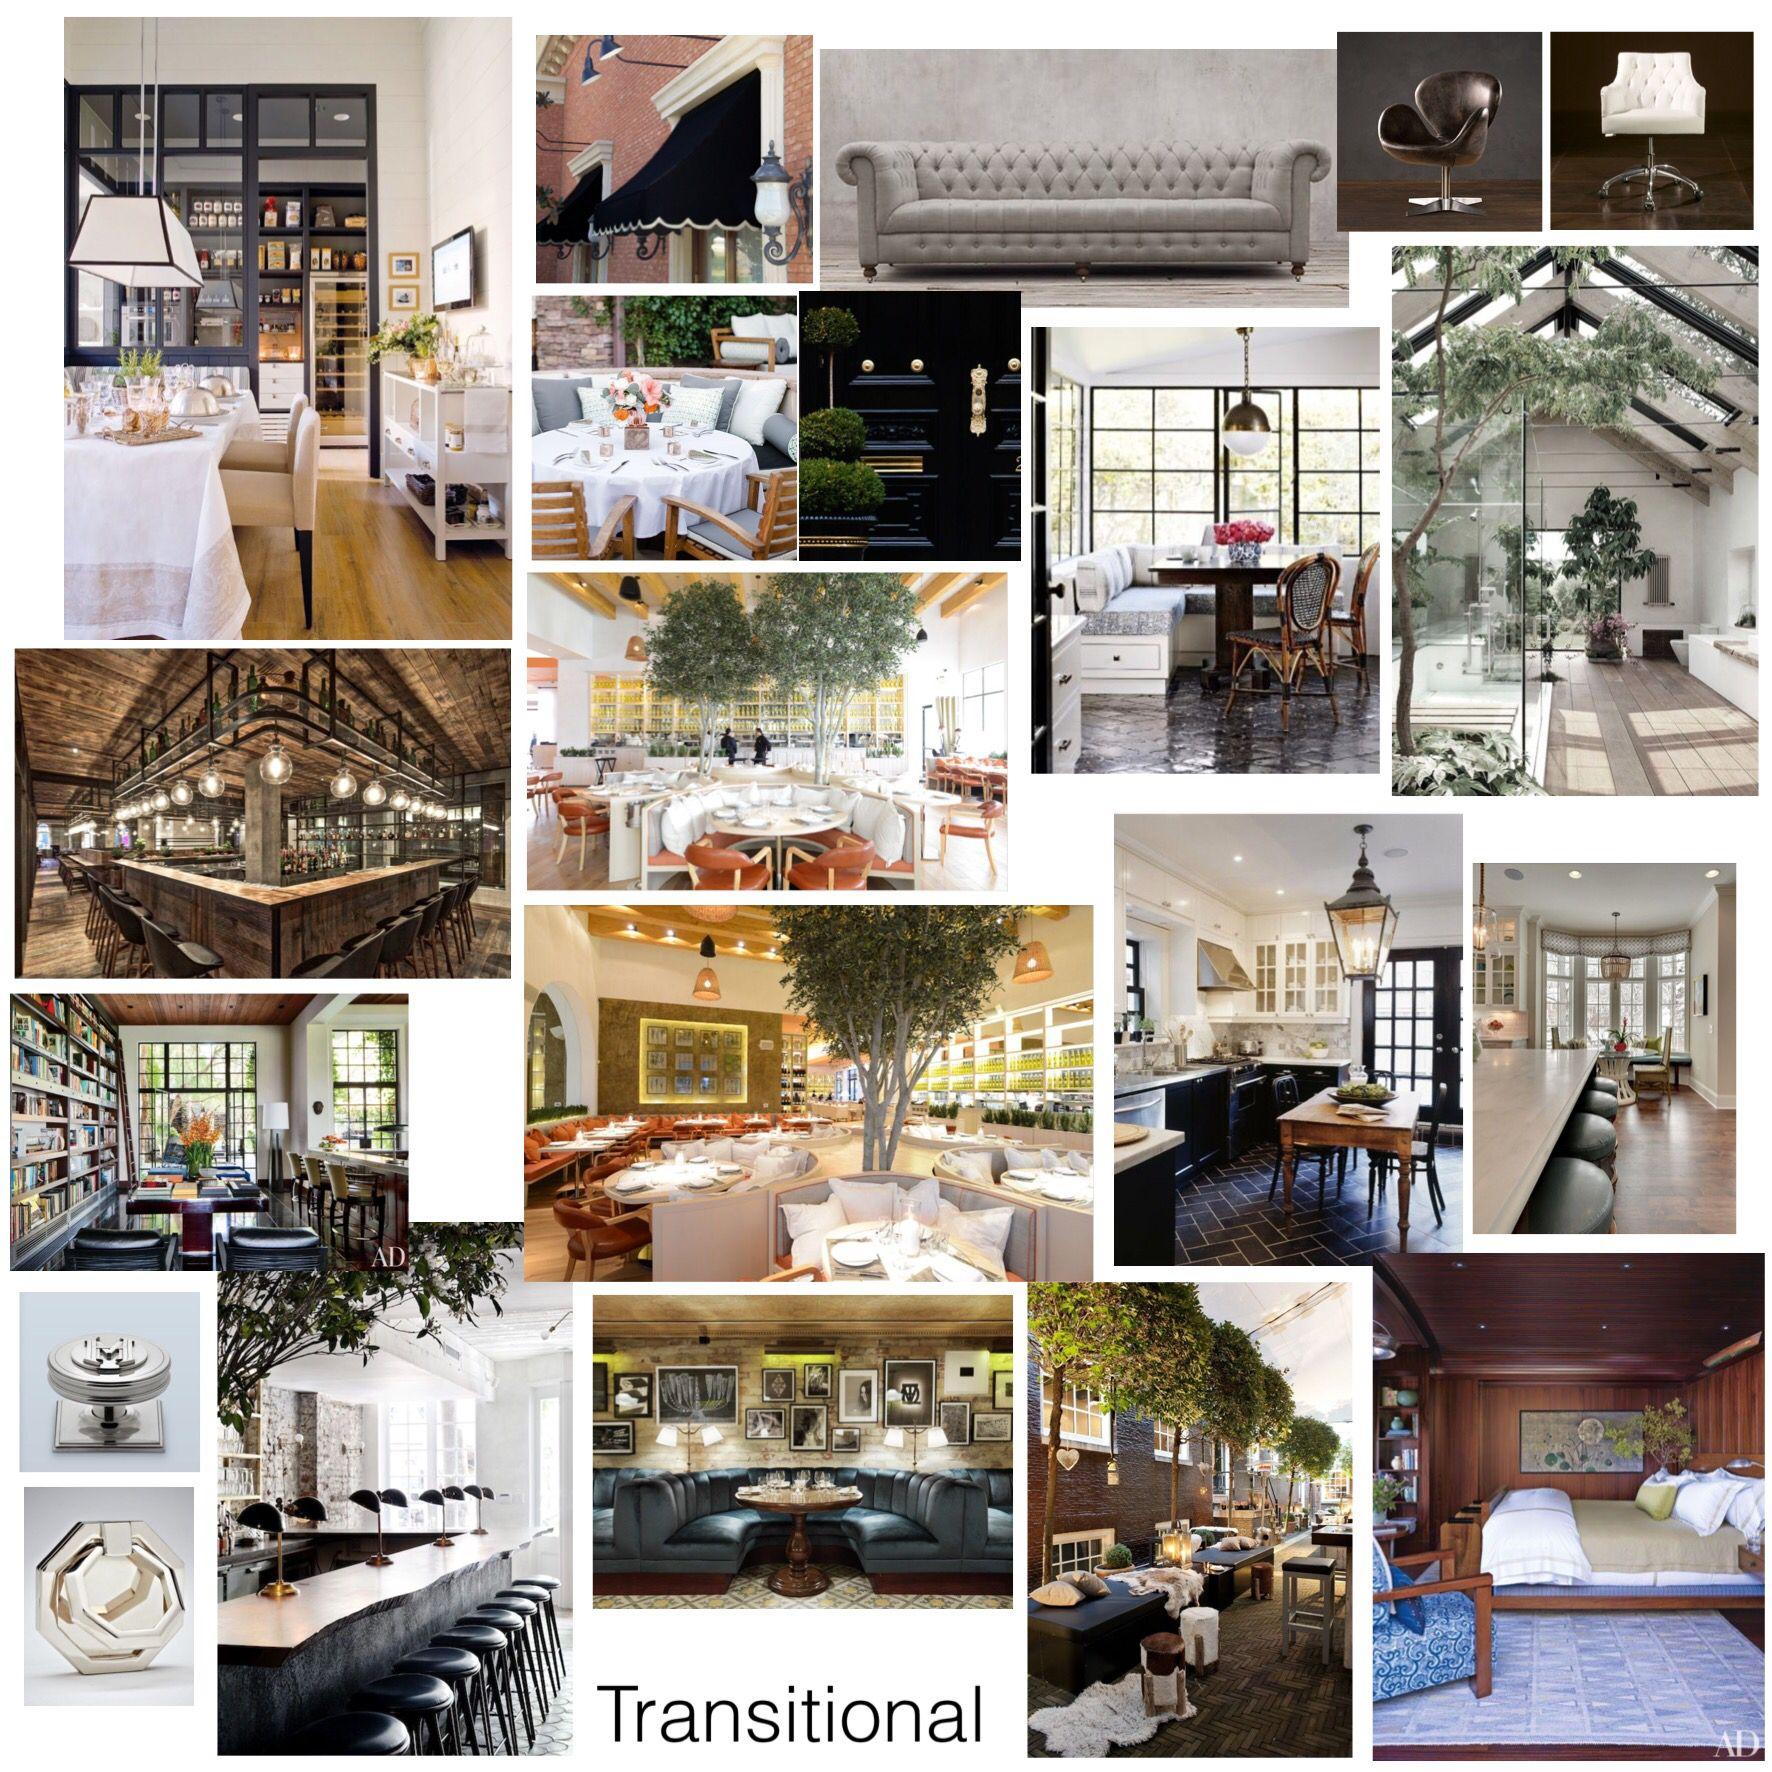 N.Kee design @SFstairco.com